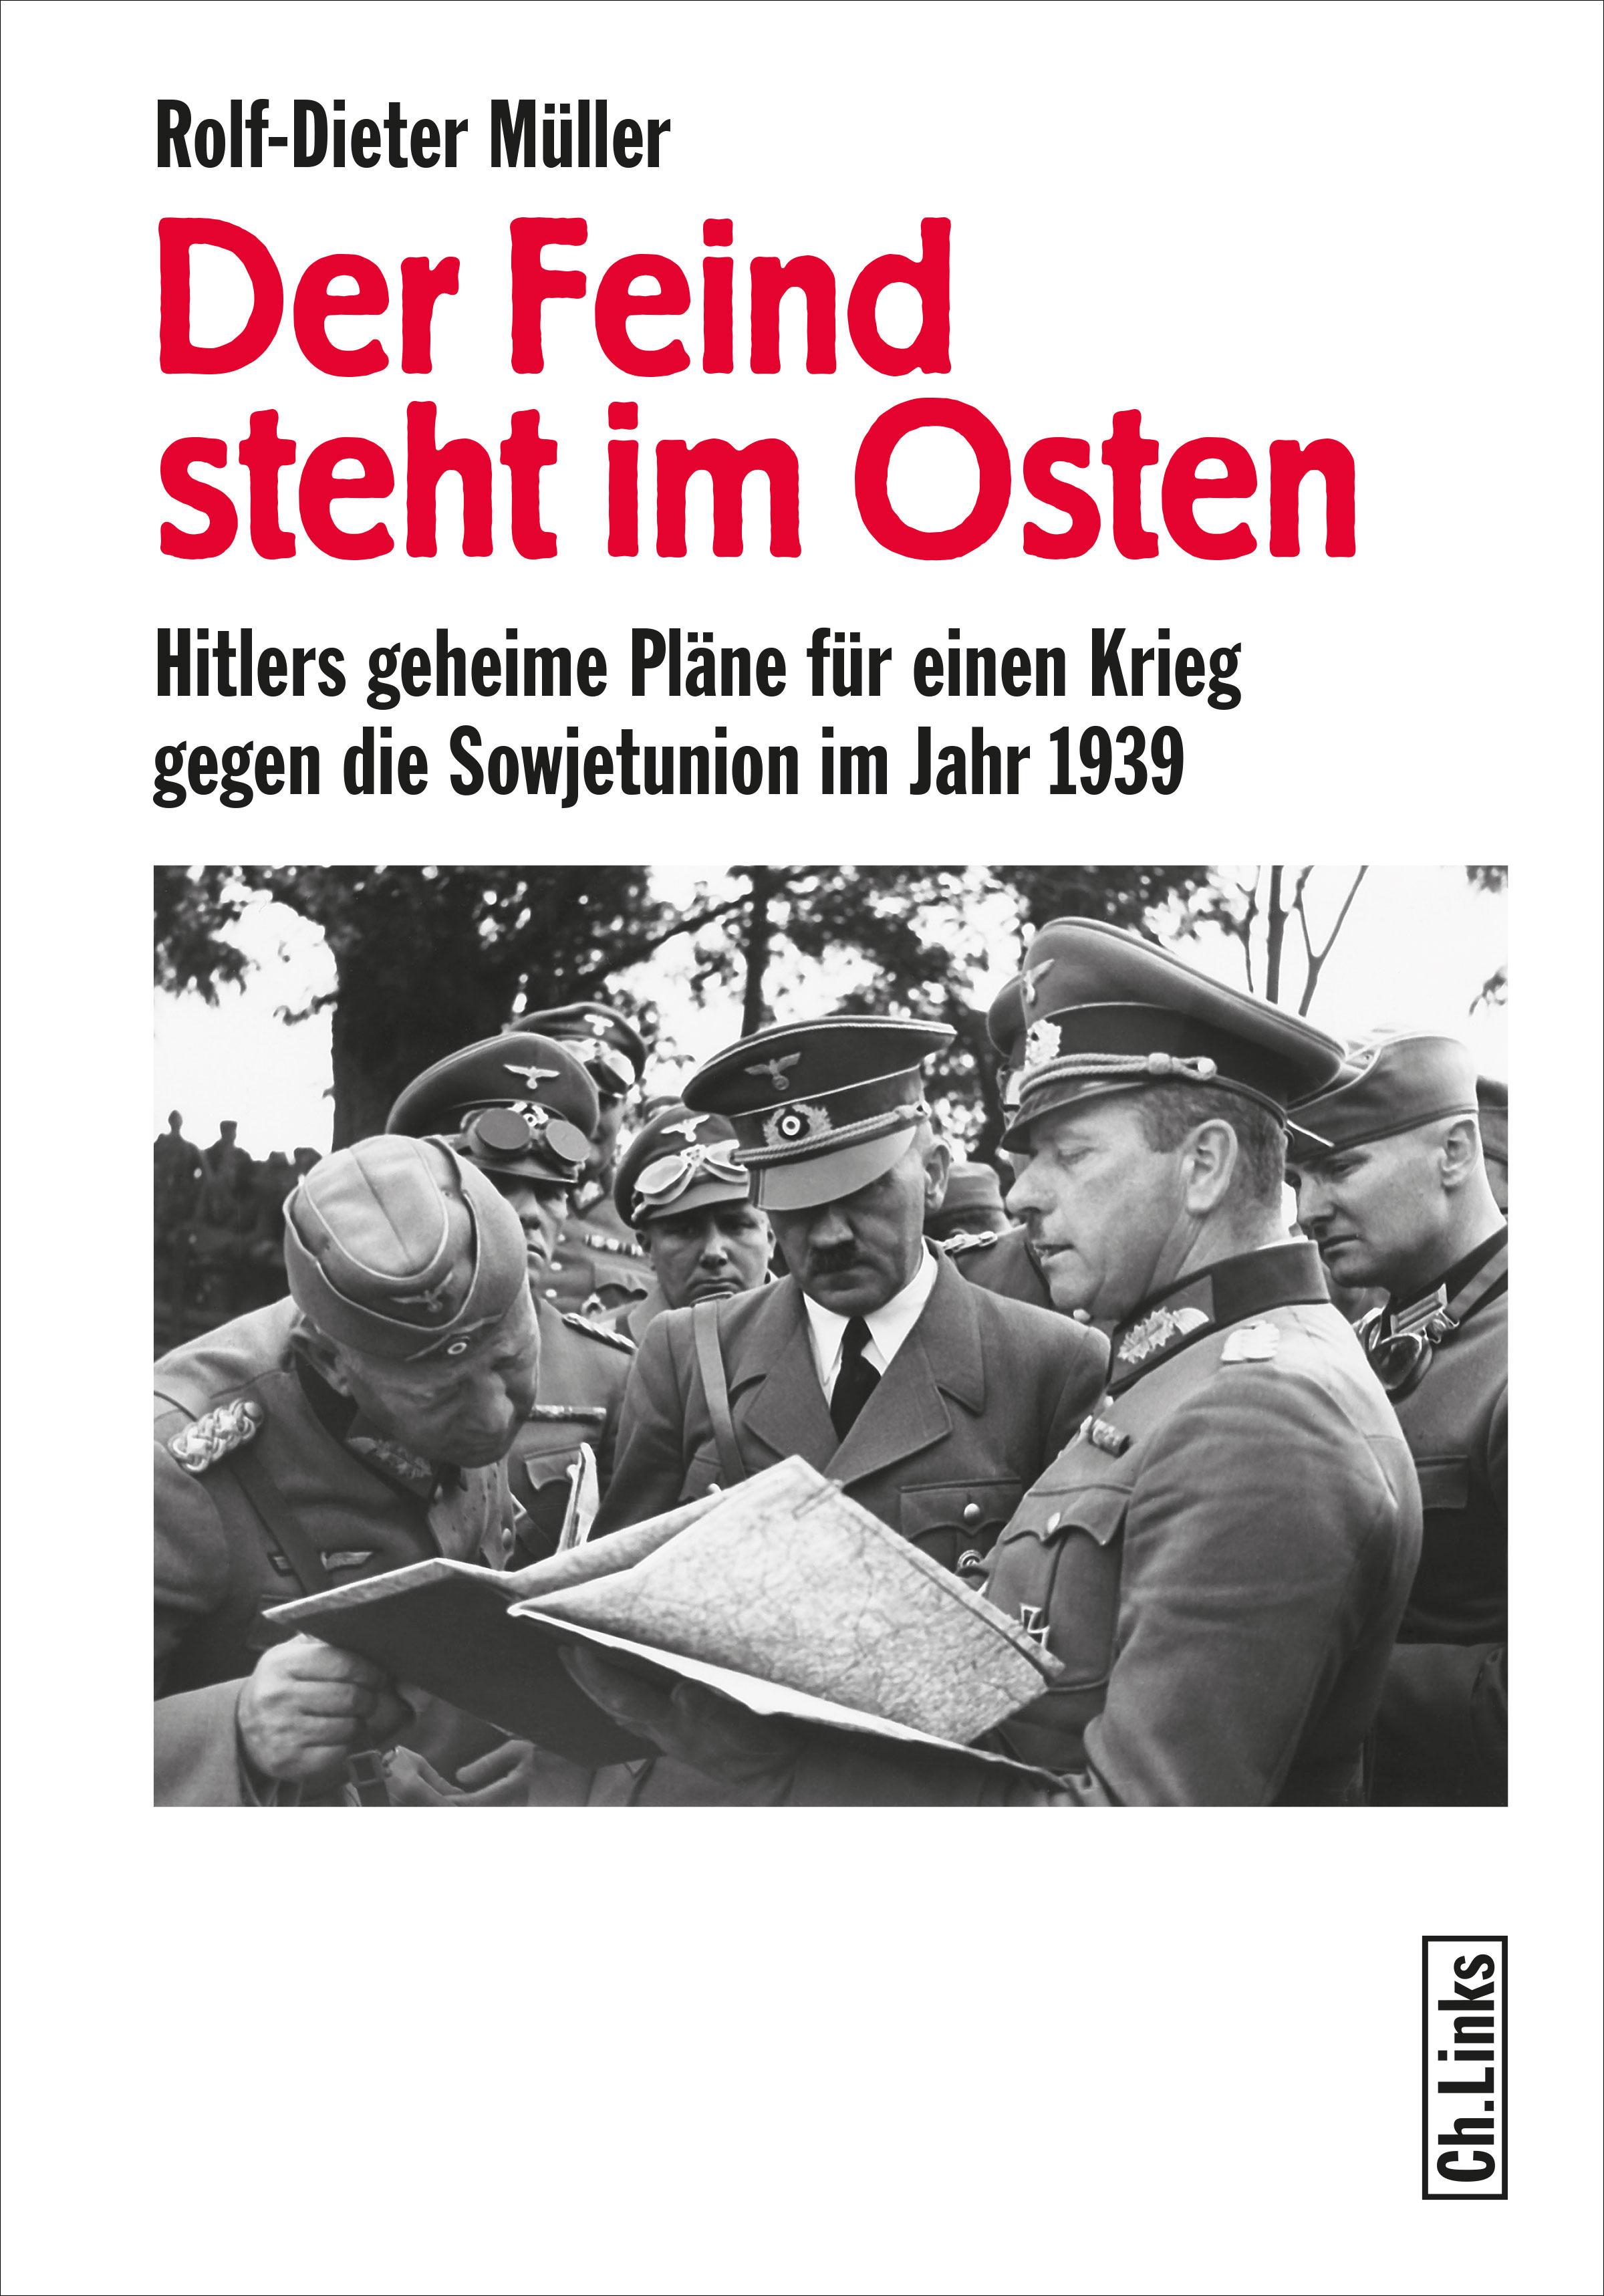 Rolf-Dieter Muller Der Feind steht im Osten недорого